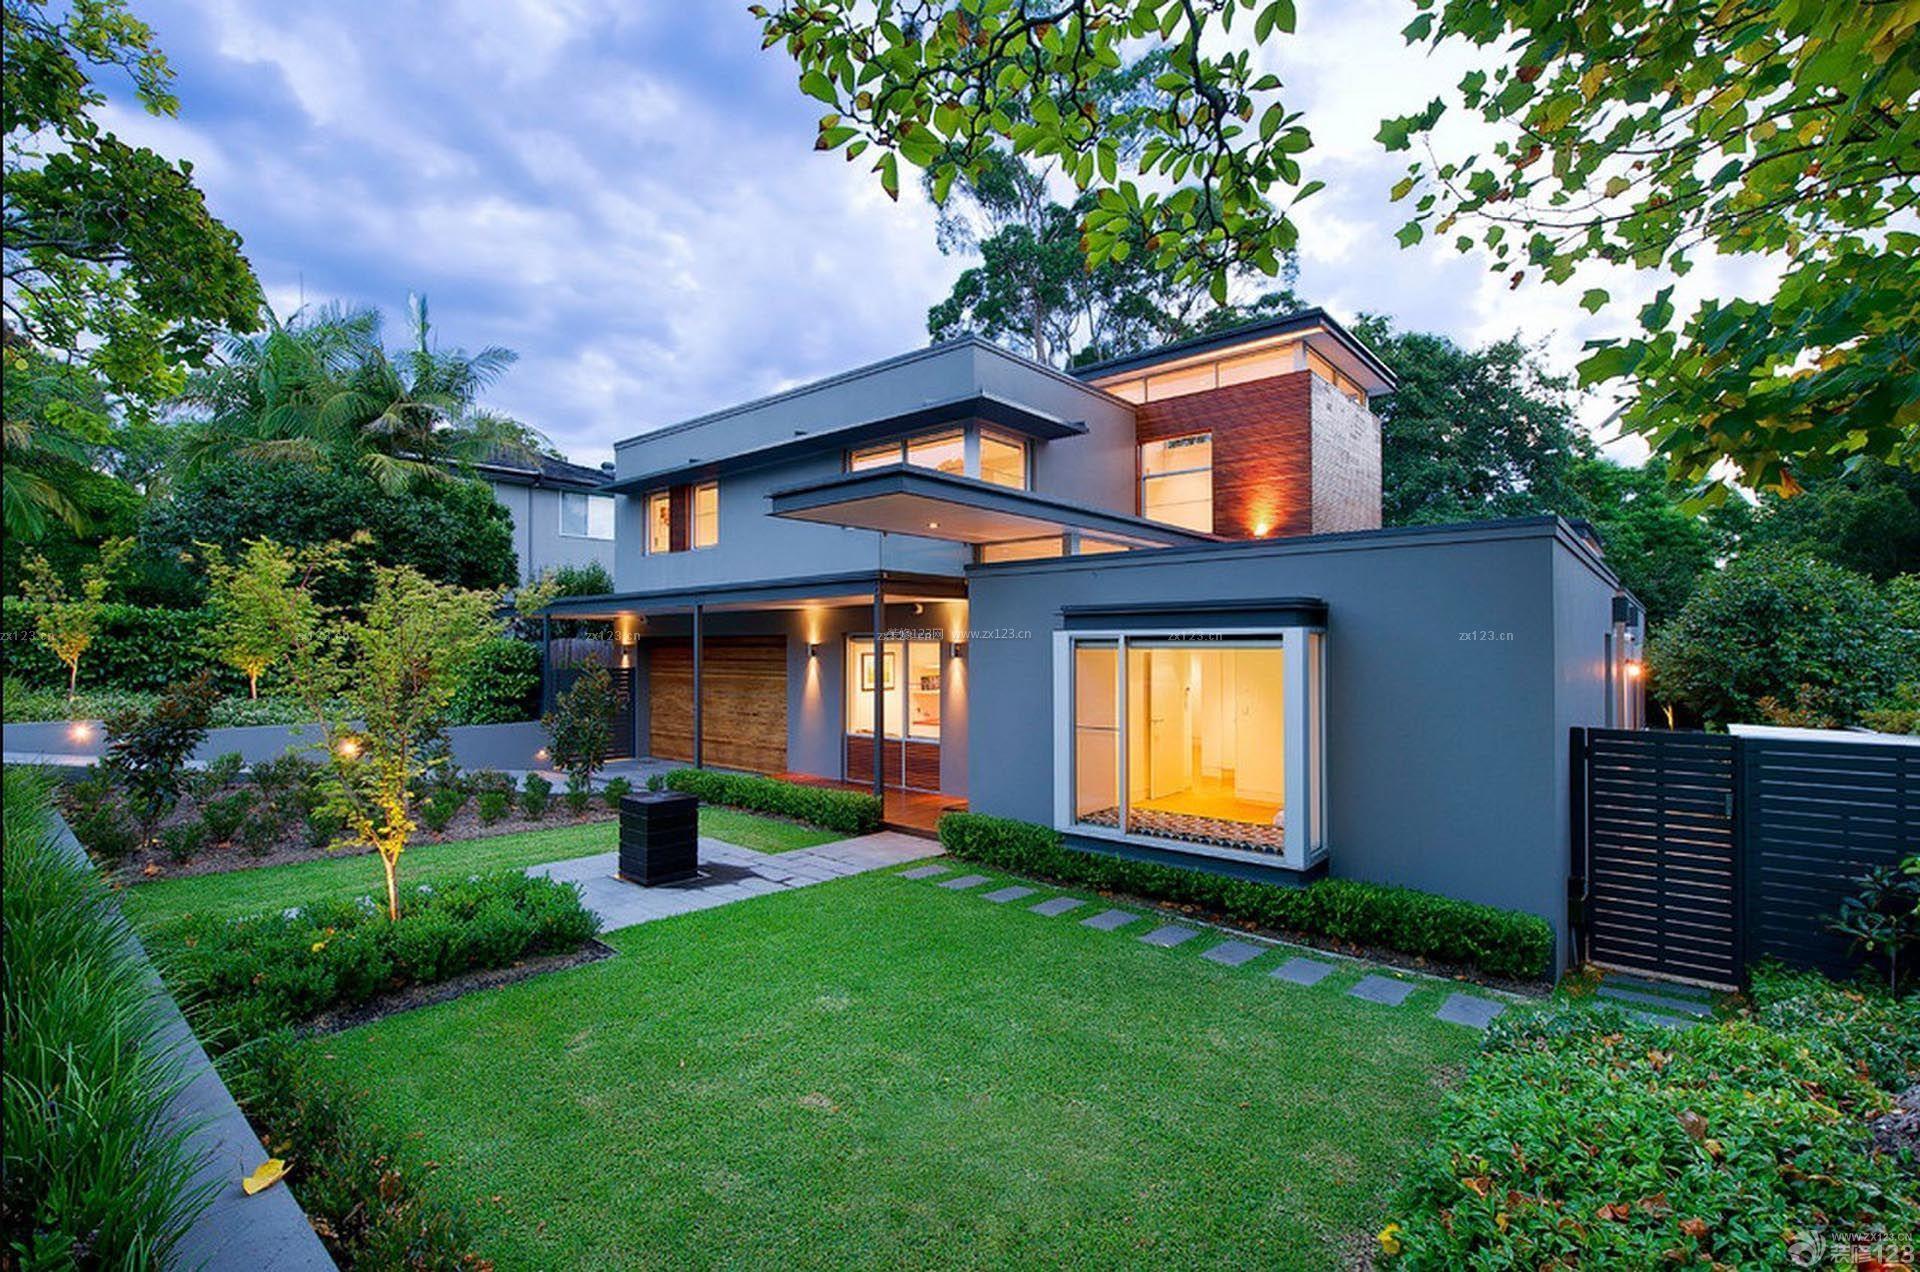 二层半别墅庭院景观设计效果图